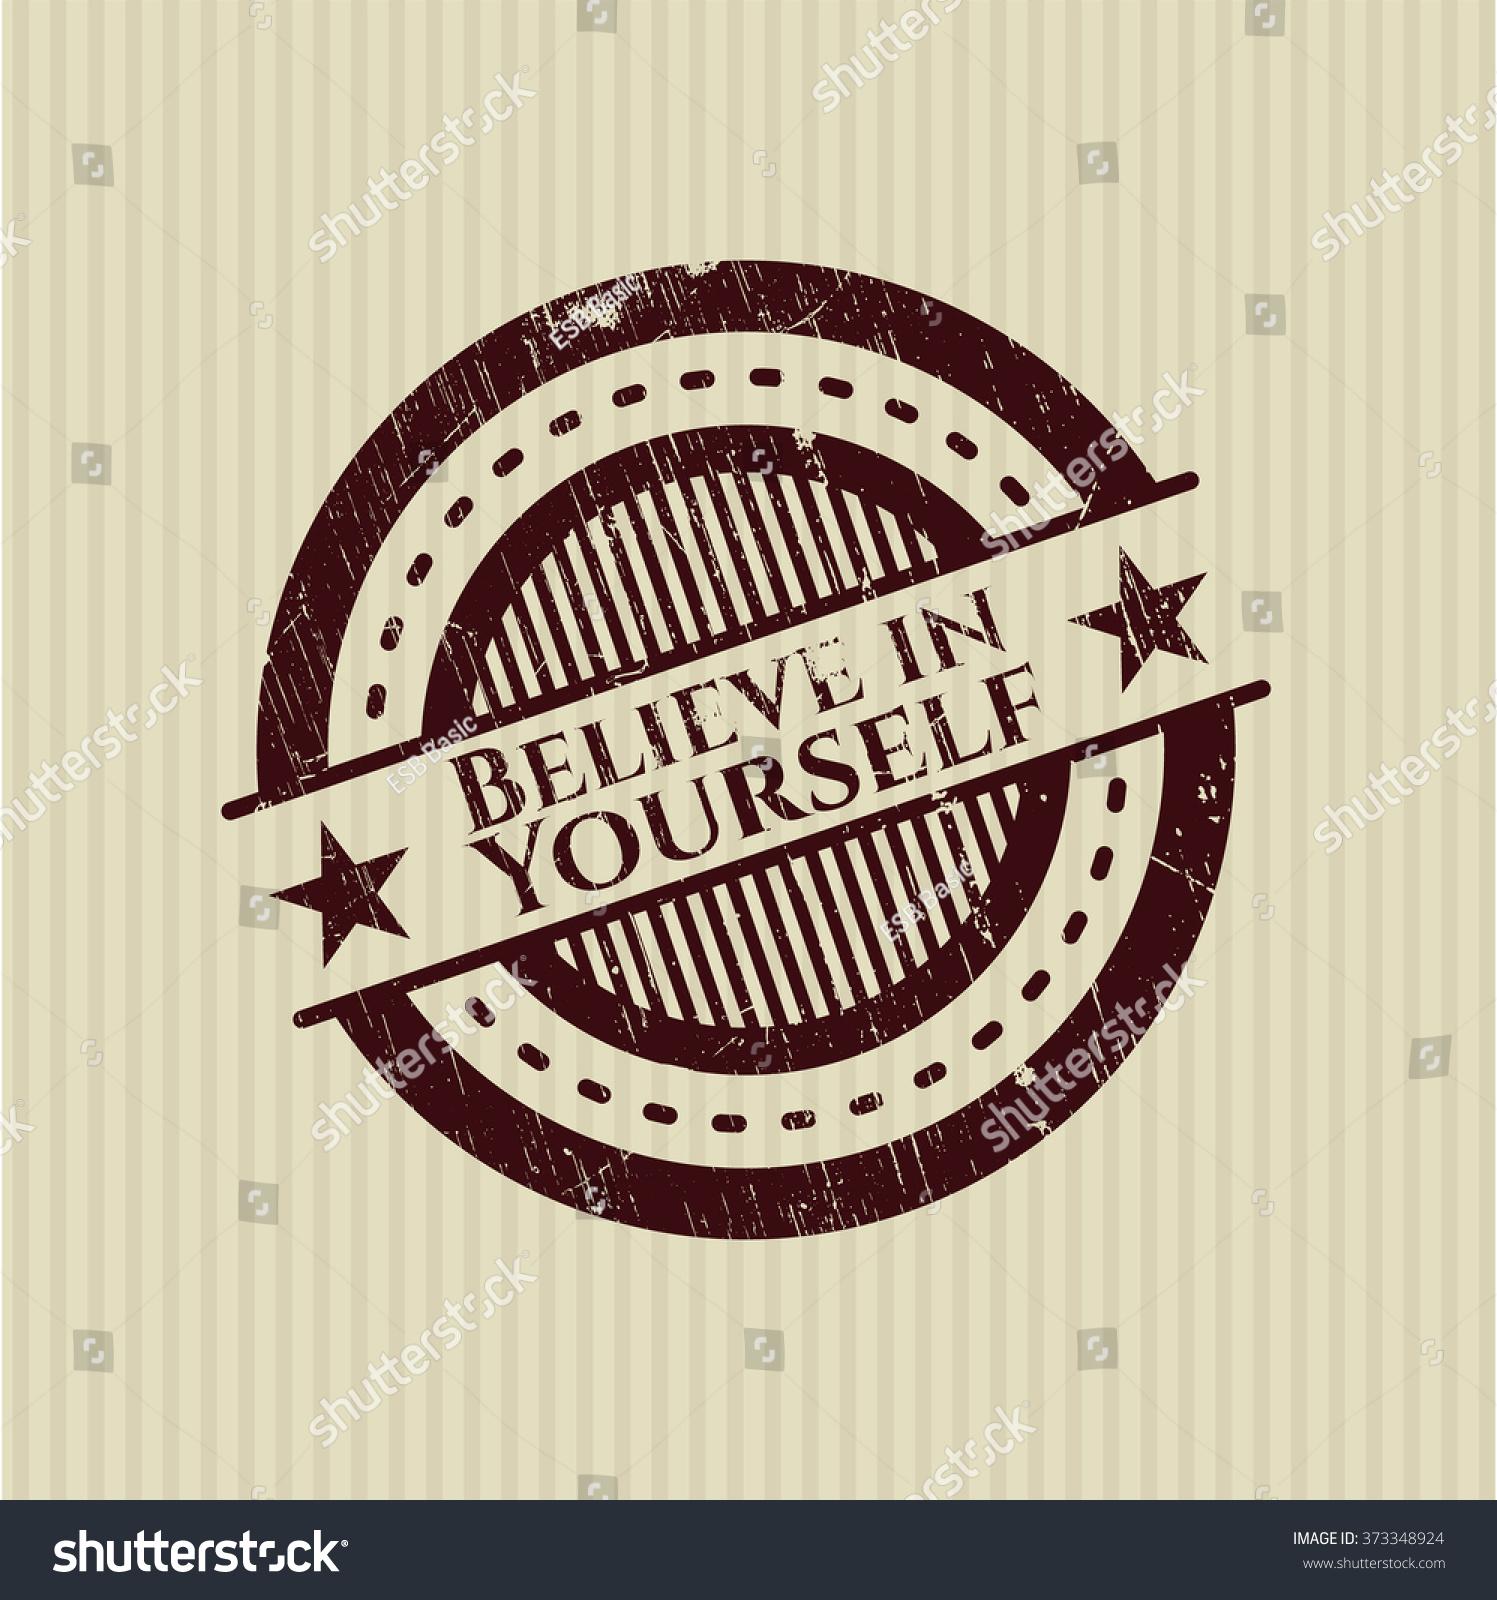 Believe Yourself Grunge Seal Stock Vector 373348924 Shutterstock